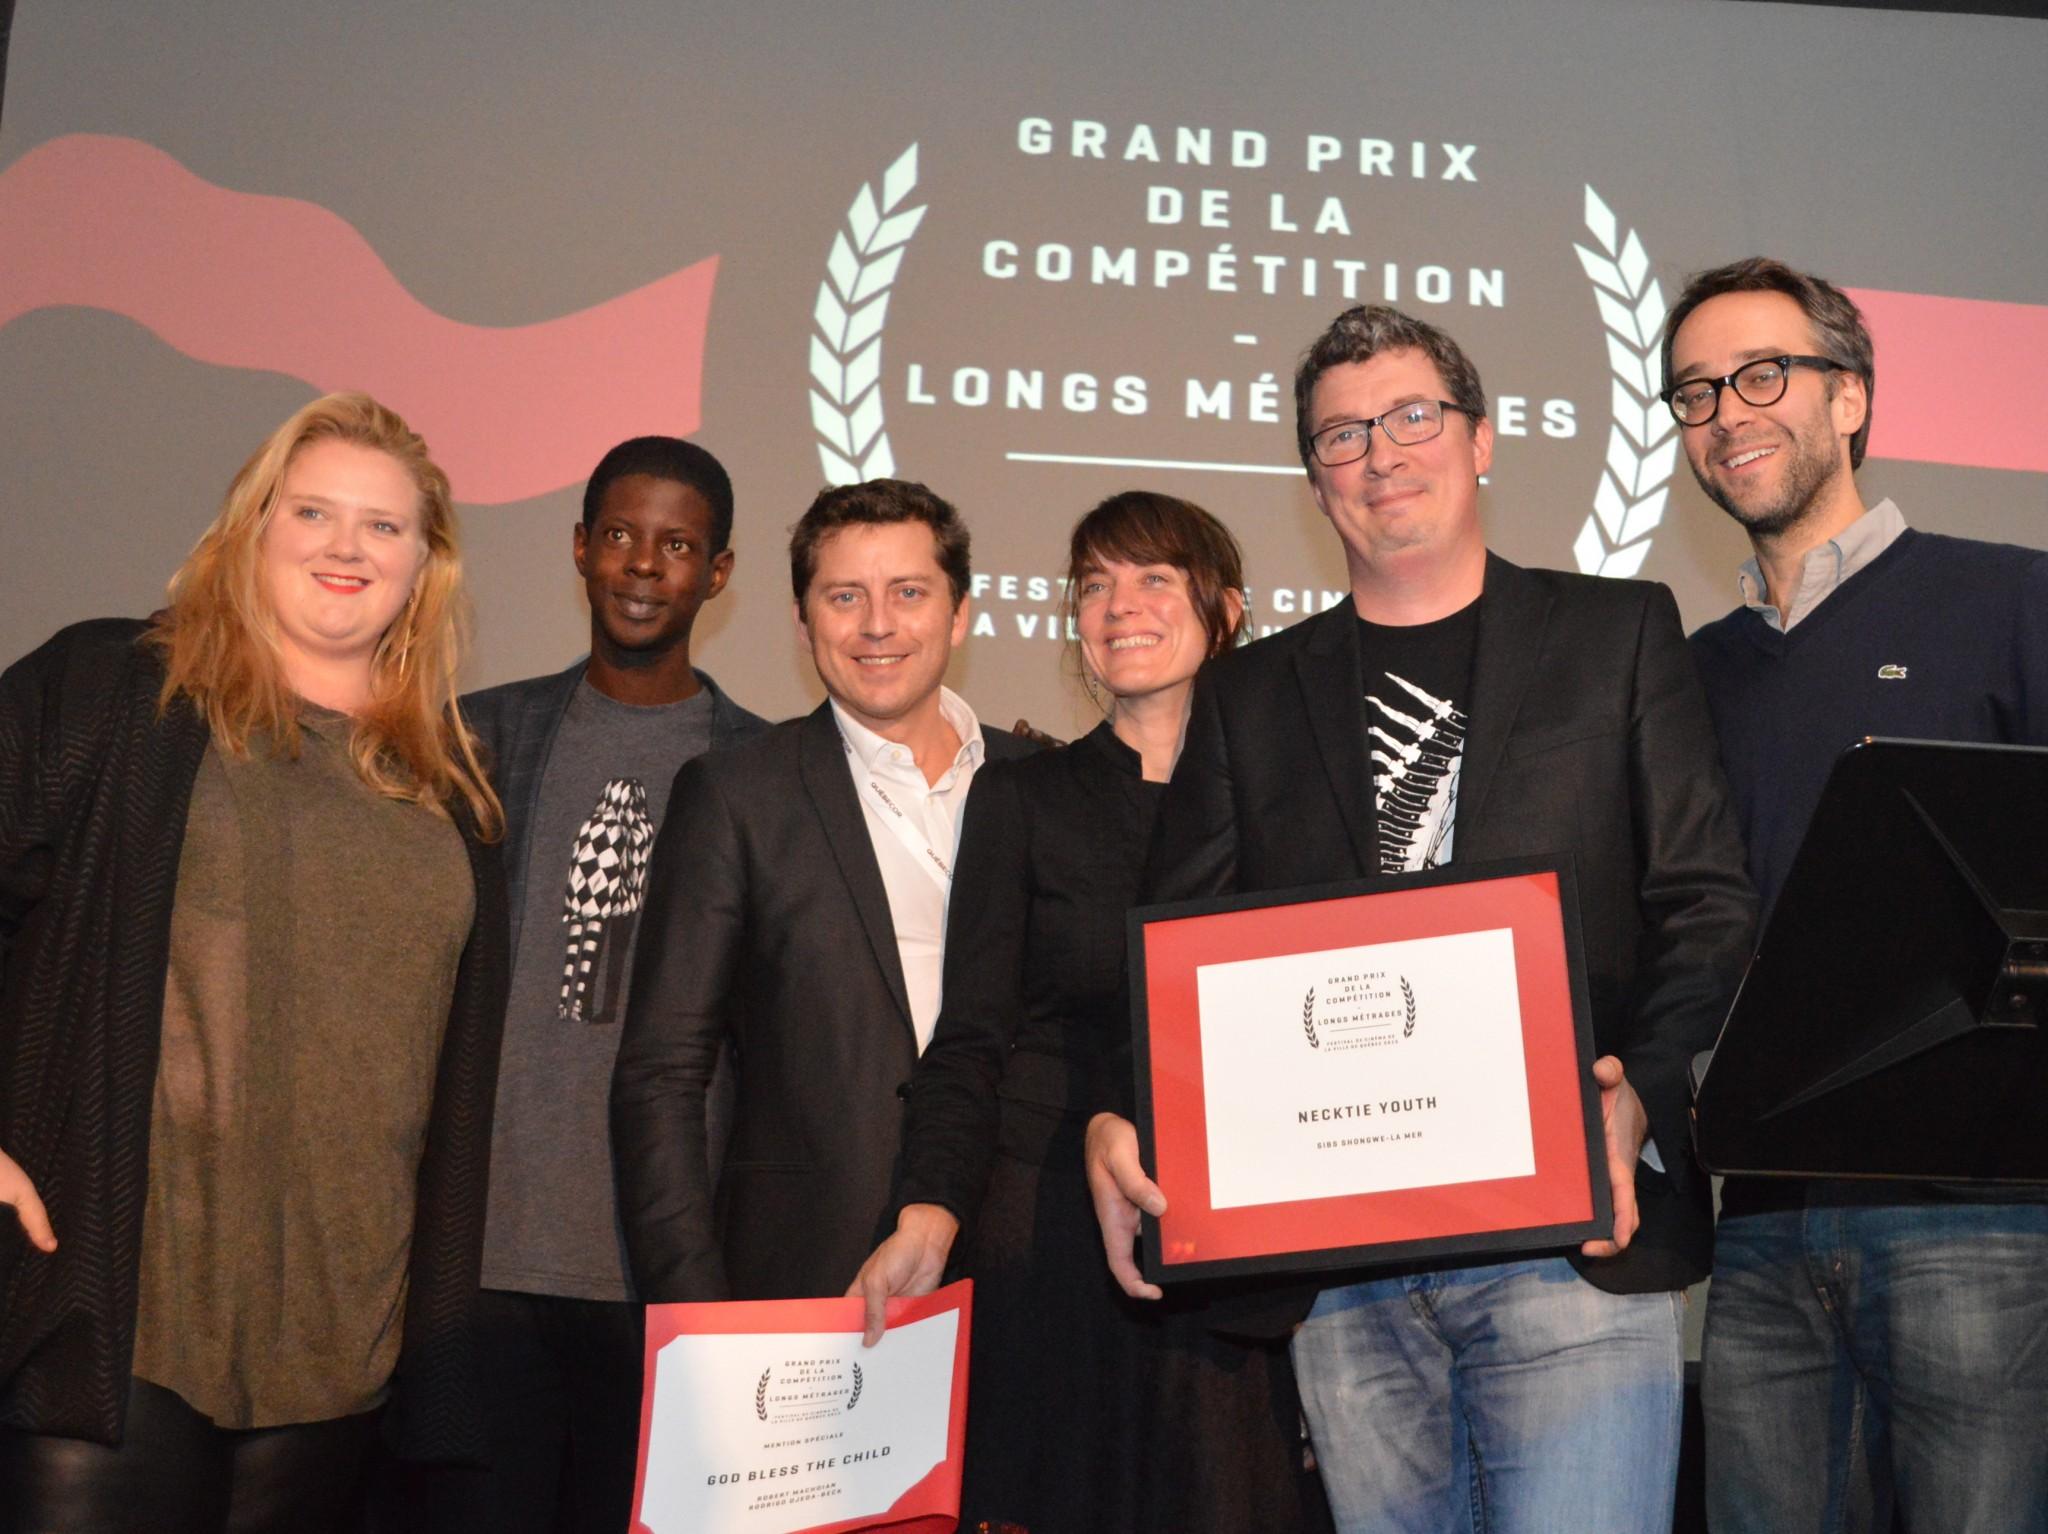 Le 5e Festival de cinéma de la ville de Québec remet ses Prix